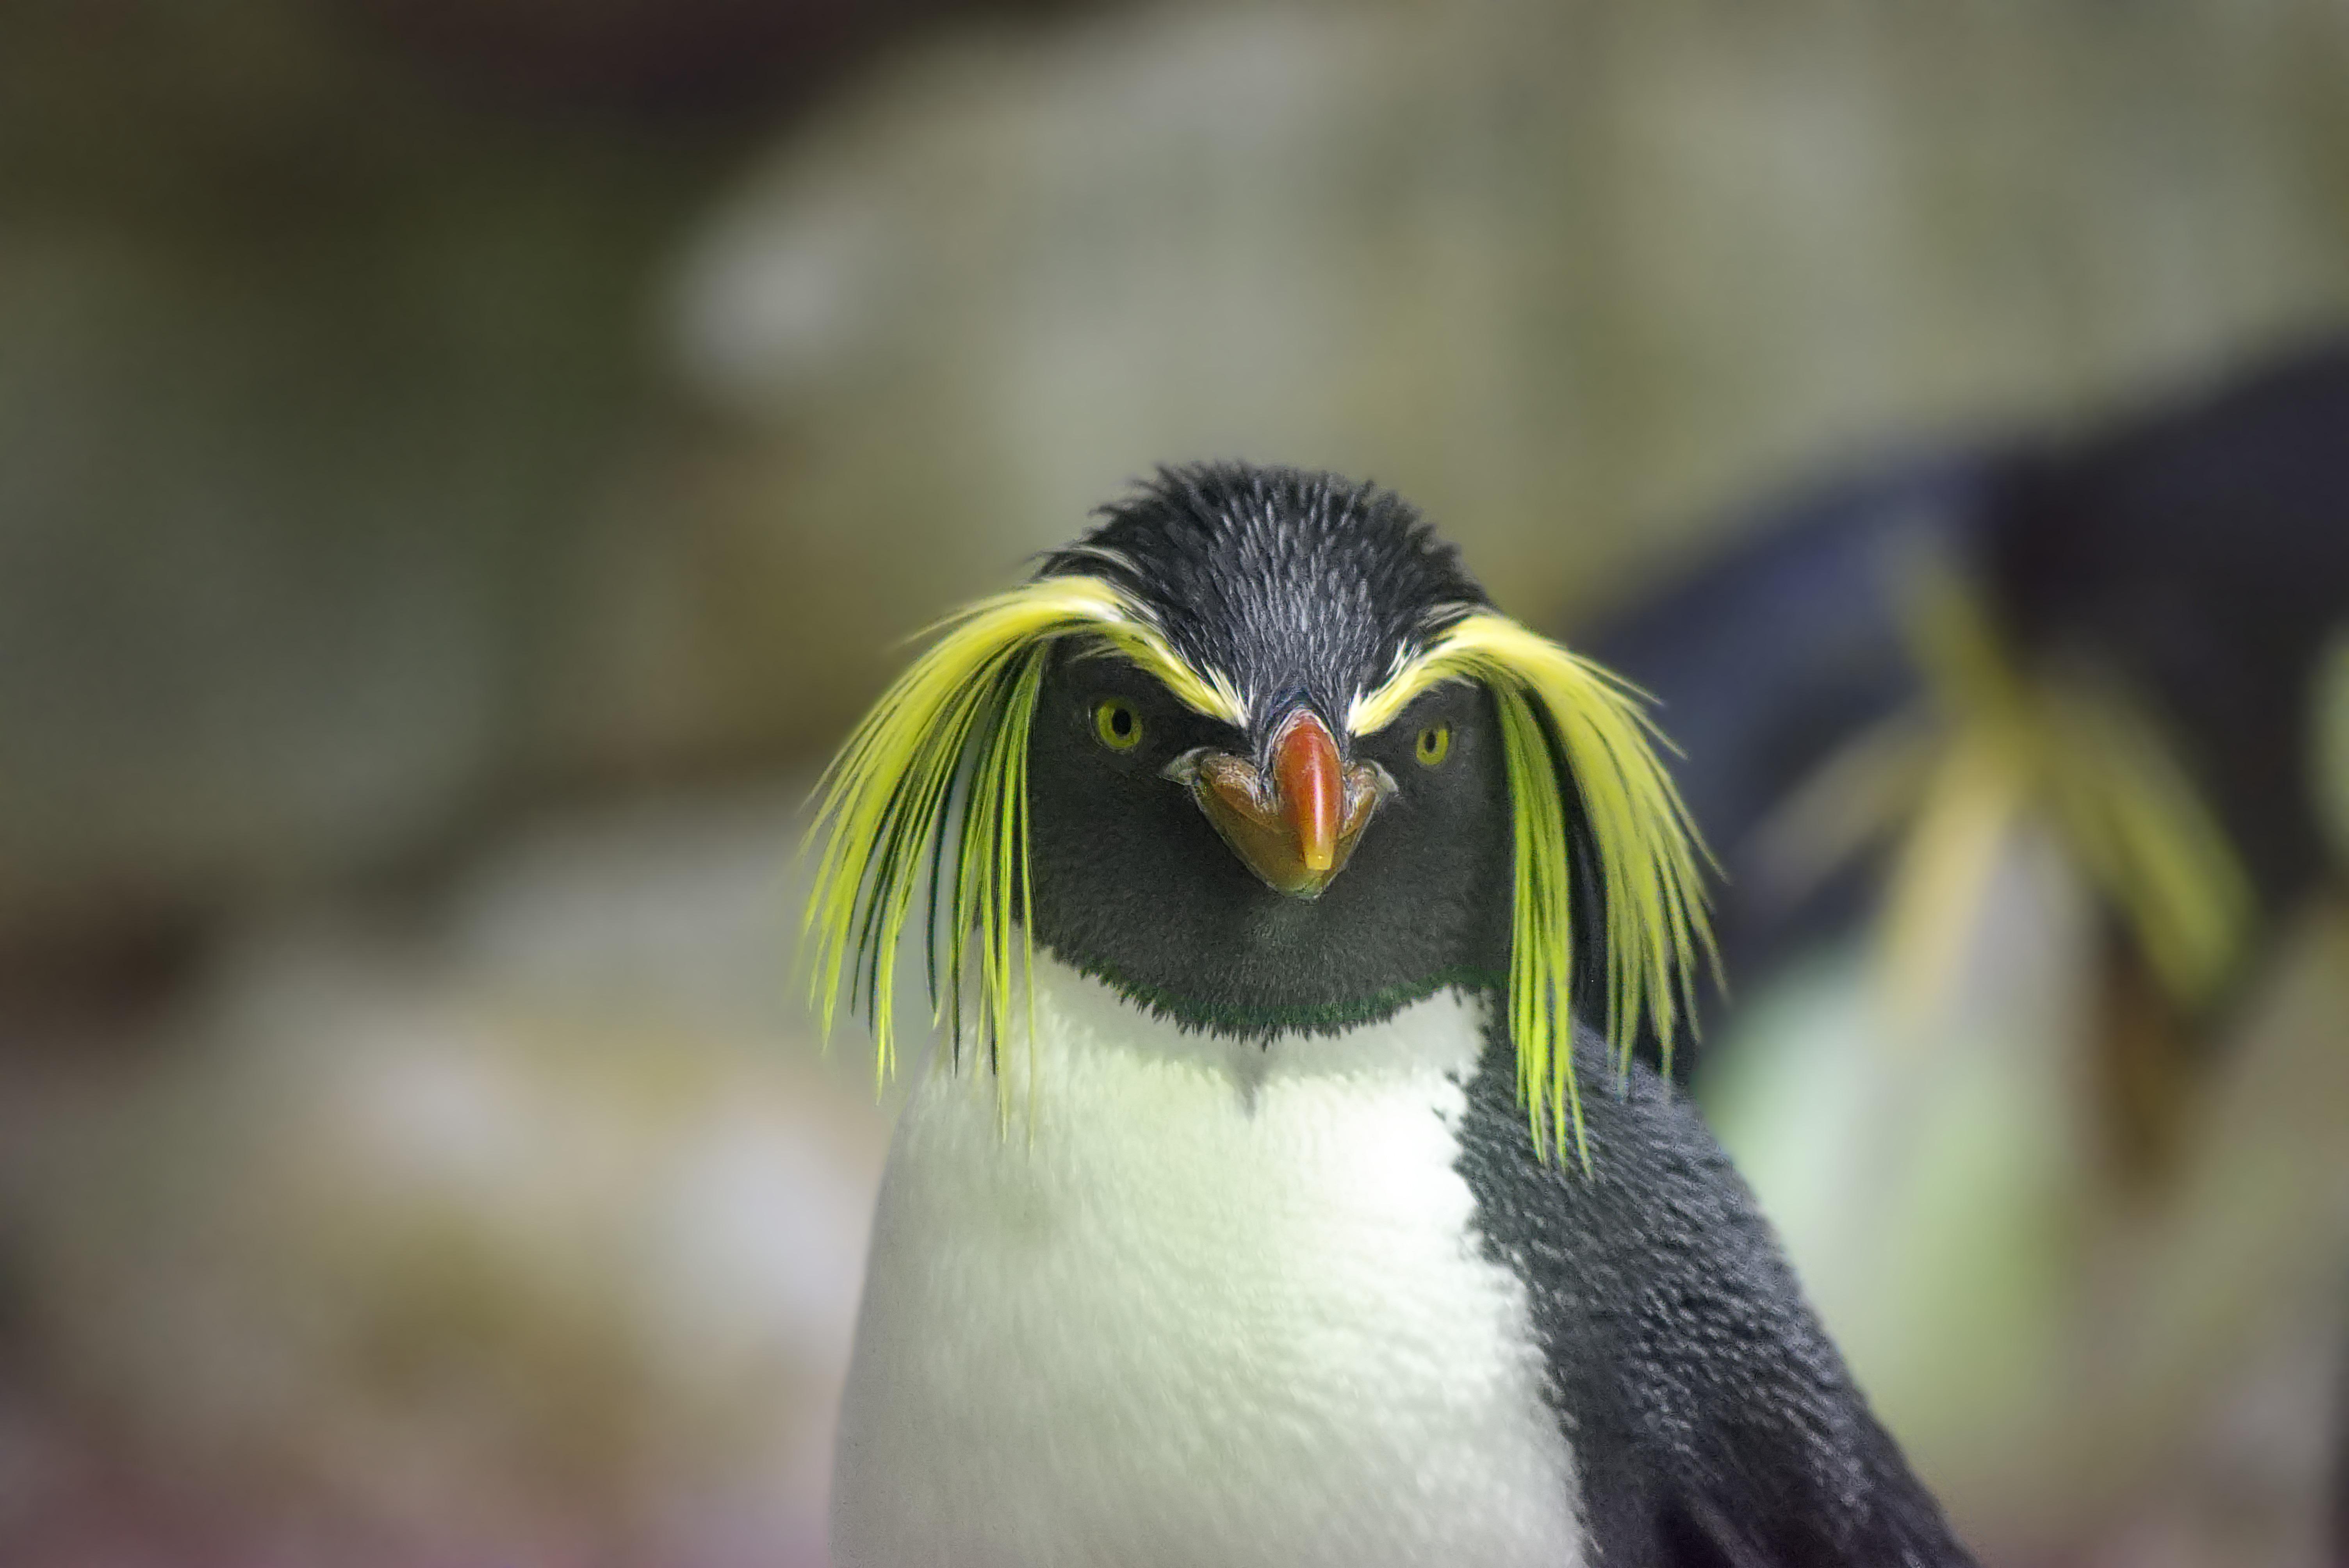 Un gorfou sauteur. Par Michael Frankenstein, https://pixabay.com/fr/photos/pingouin-gorfou-sauteur-zoo-2104173/